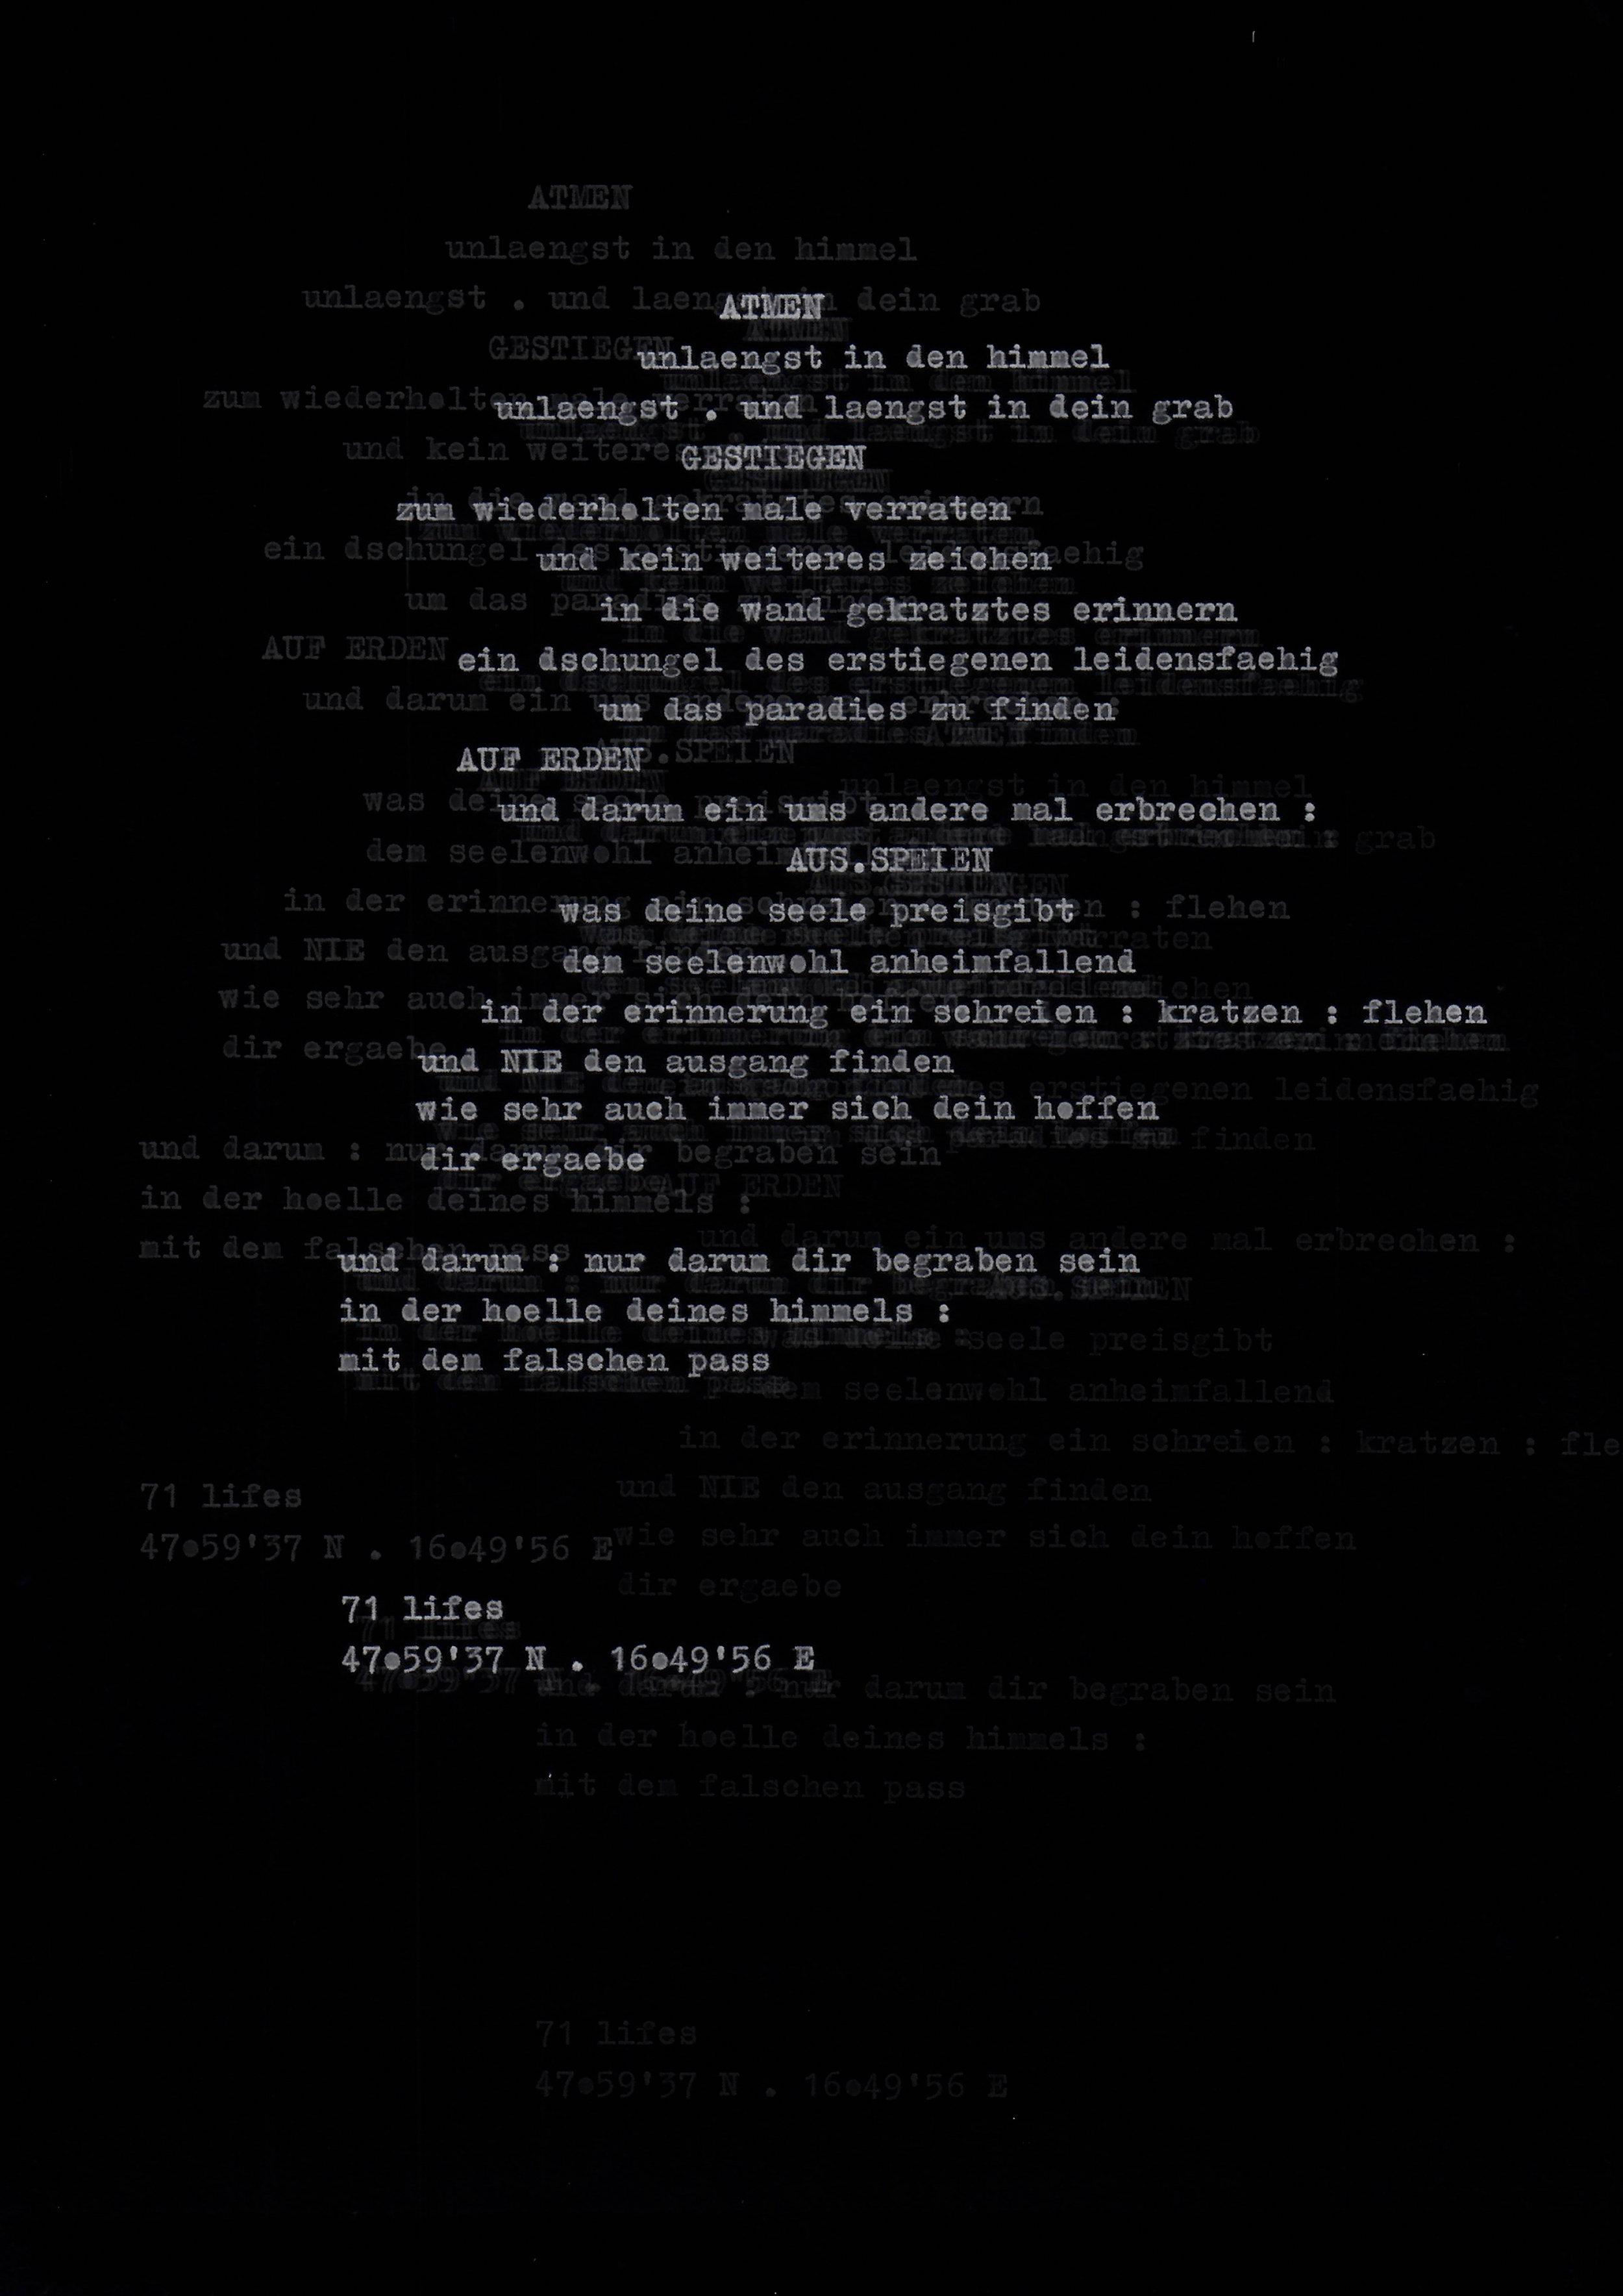 71 lifes - texte stand 12.9.2018_Seite_01.jpg